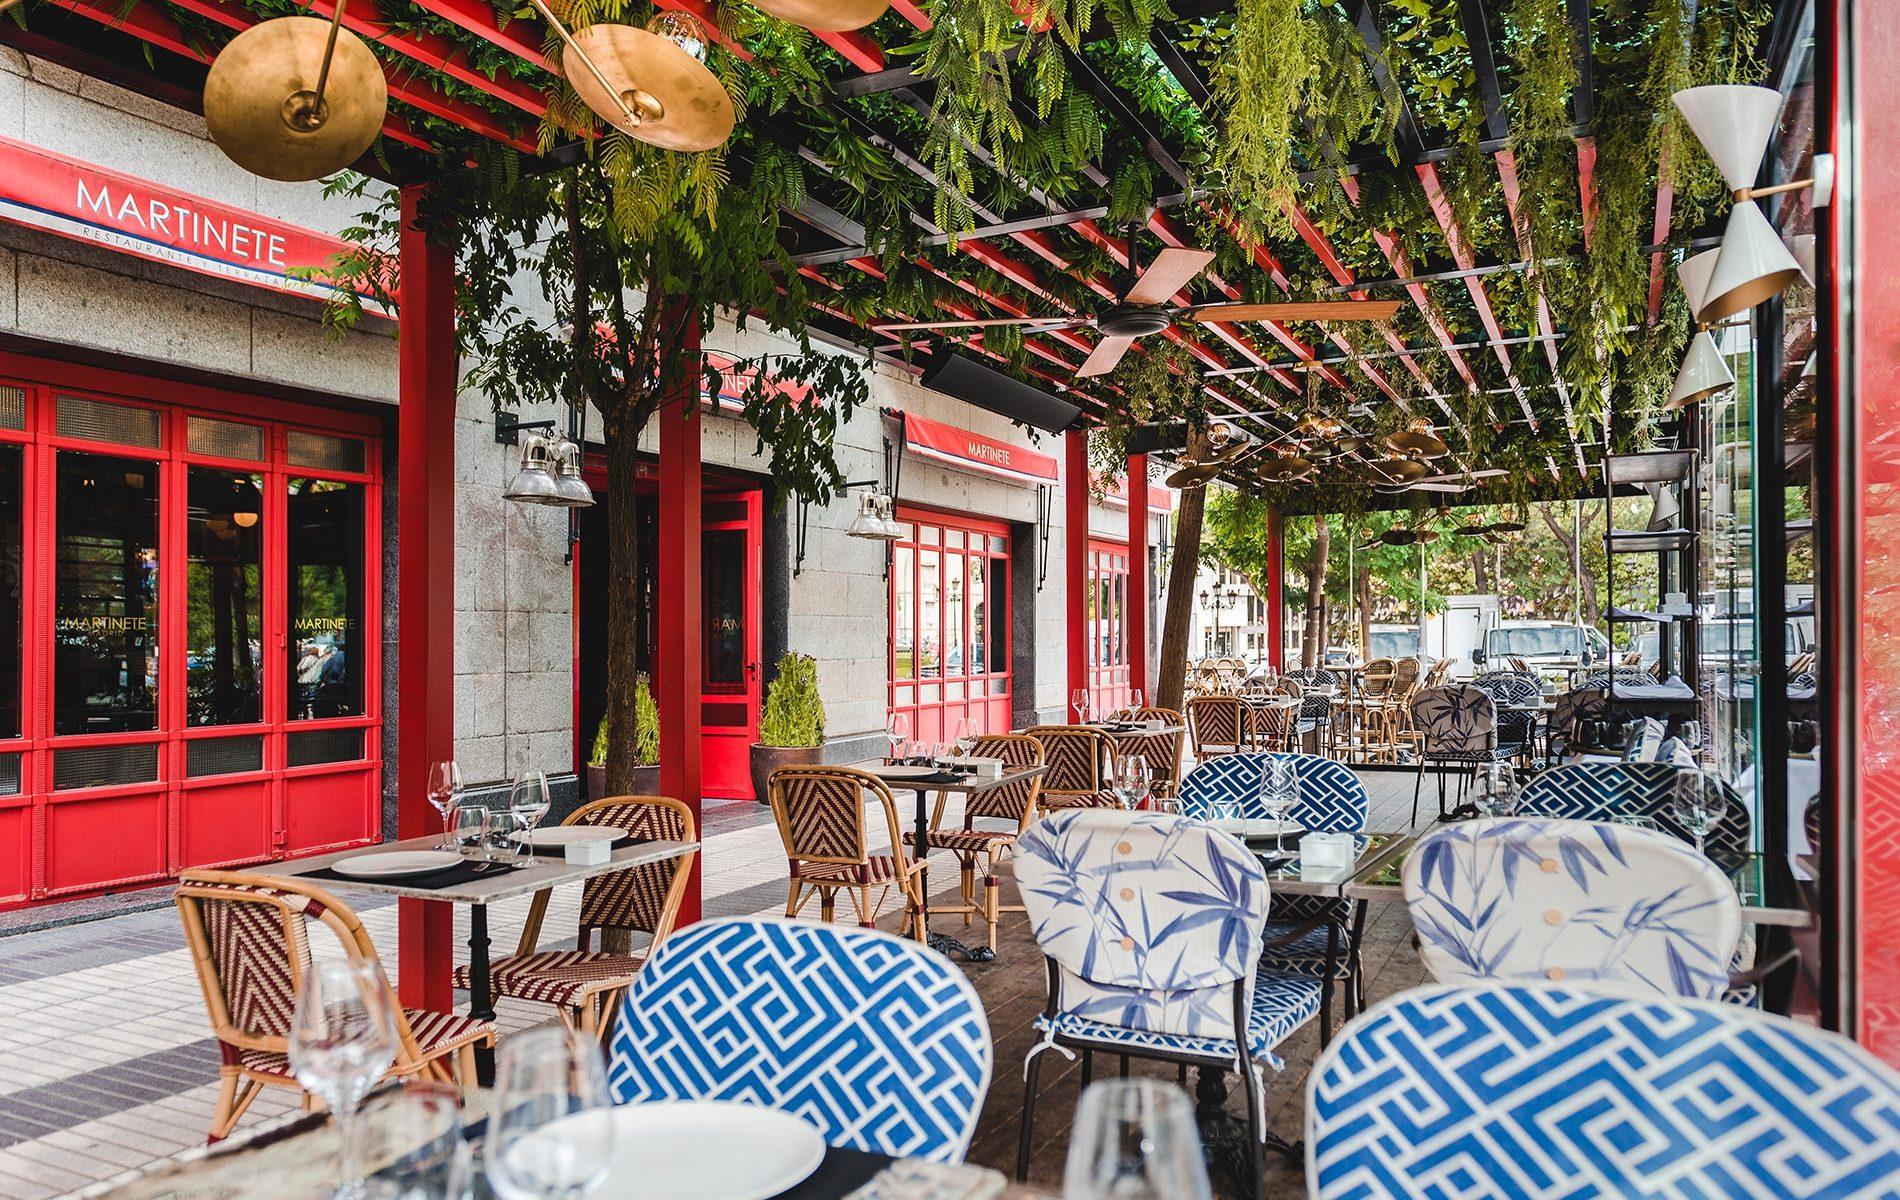 Brunch by Café Oliver en Martinete